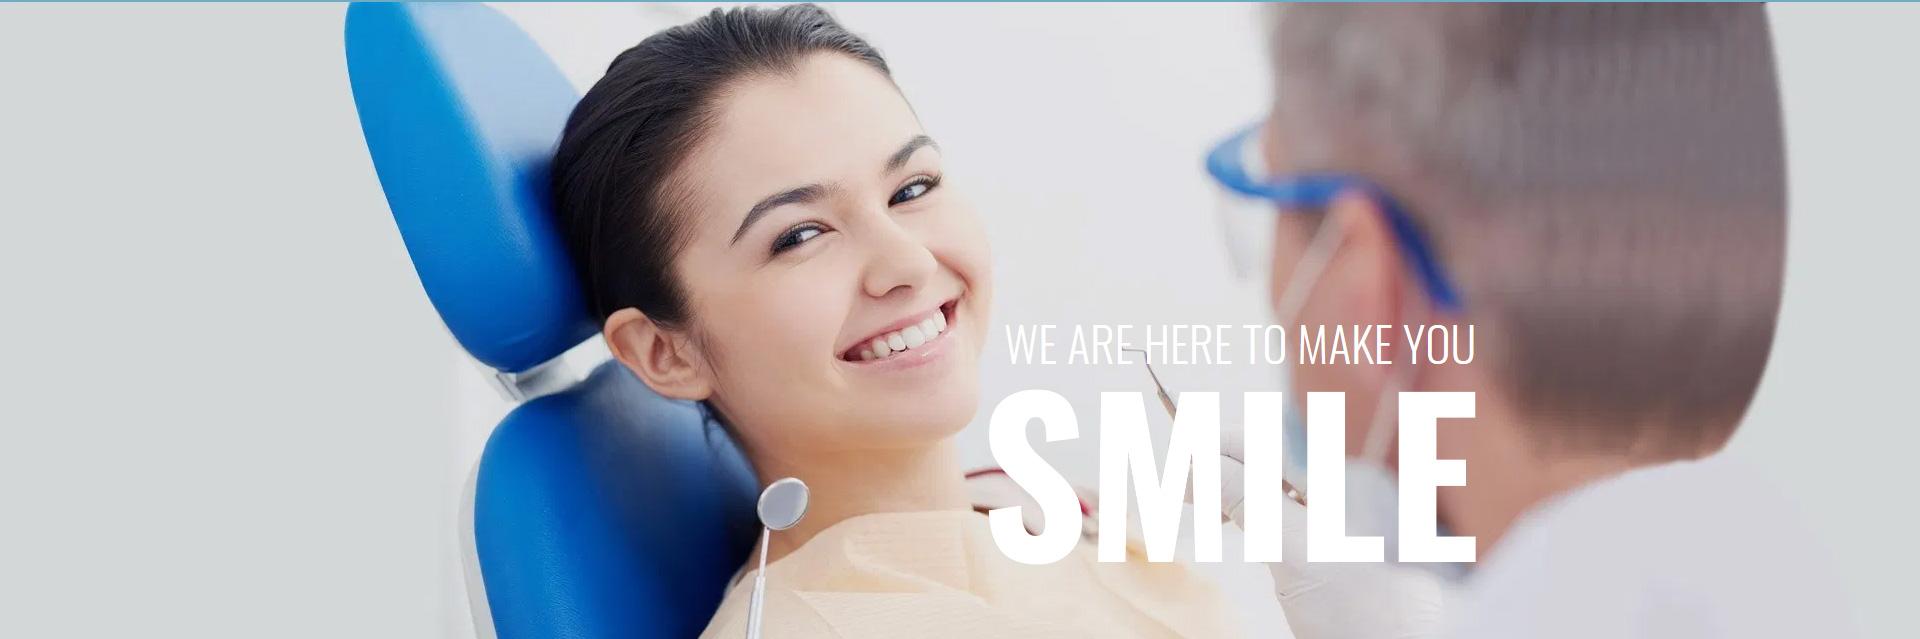 austin-family-dentist-home-banner-wtext